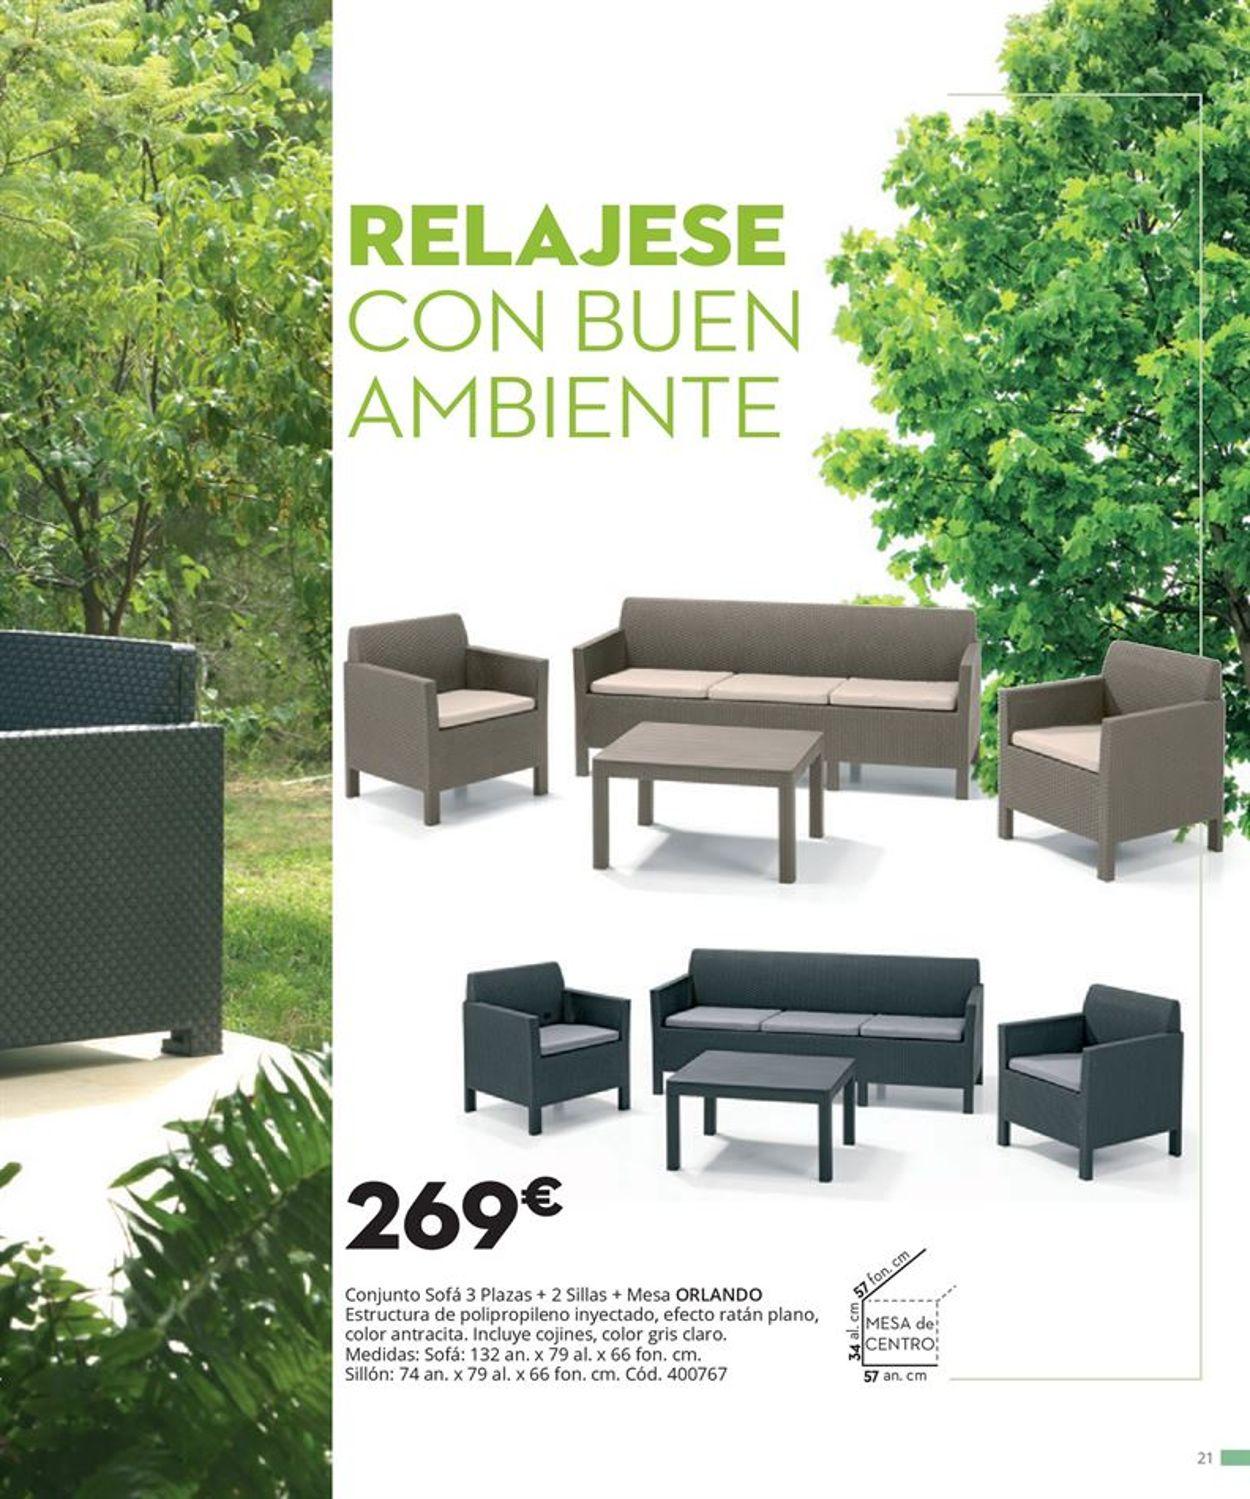 Conforama Folleto - 09.04-31.08.2021 (Página 21)